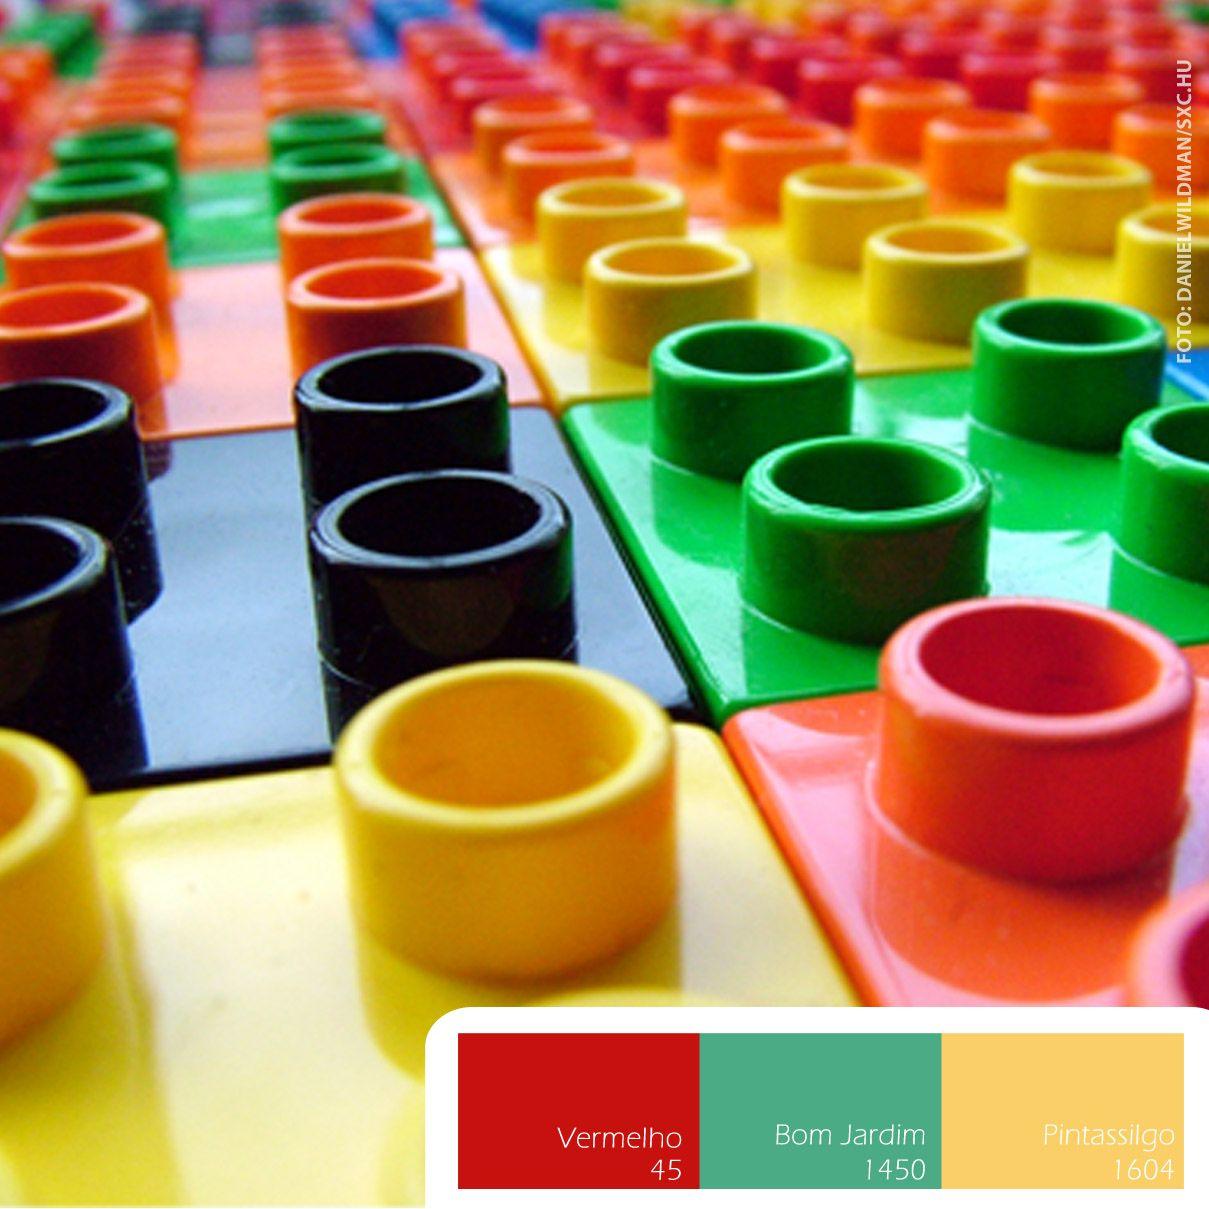 Quem sente saudades das cores vivas de um dos brinquedos mais divertidos da infância? #Conectar #Colors #Lego